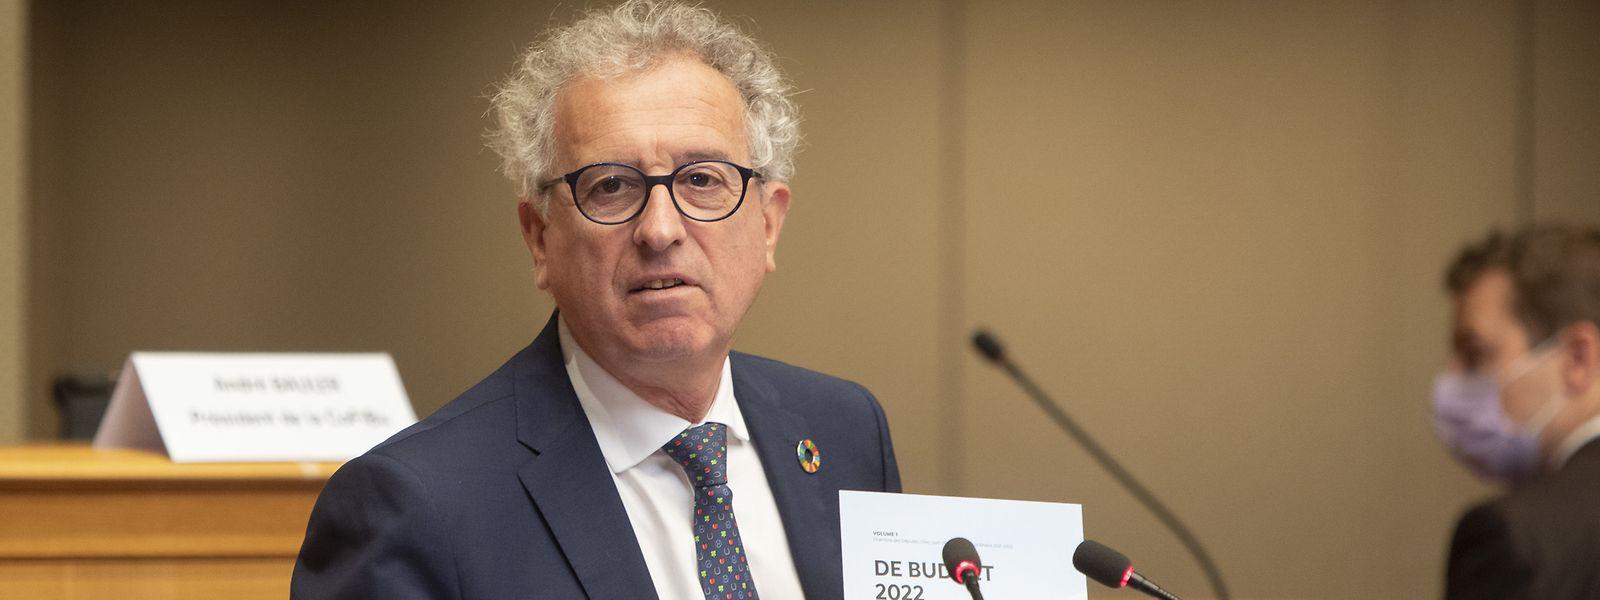 """""""Nur zwei Jahre nach der Krise sind die Staatsfinanzen quasi wieder im Gleichgewicht, ganz ohne Austeritätspolitik"""", freut sich Finanzminister Pierre Gramegna."""